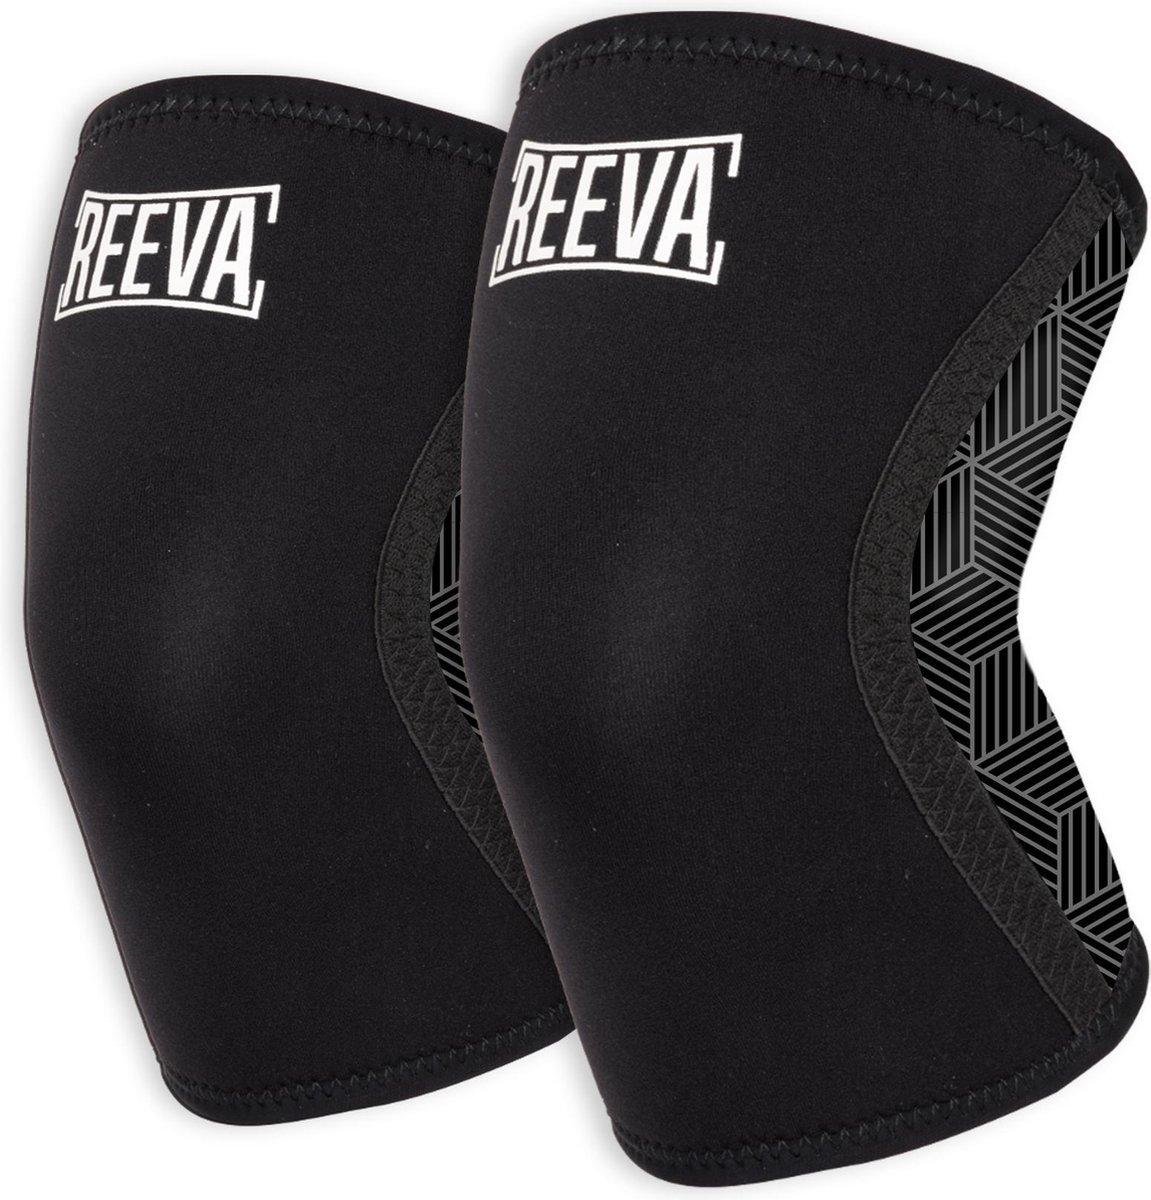 Reeva knee sleeves - knie brace - 7mm - M (unisex)